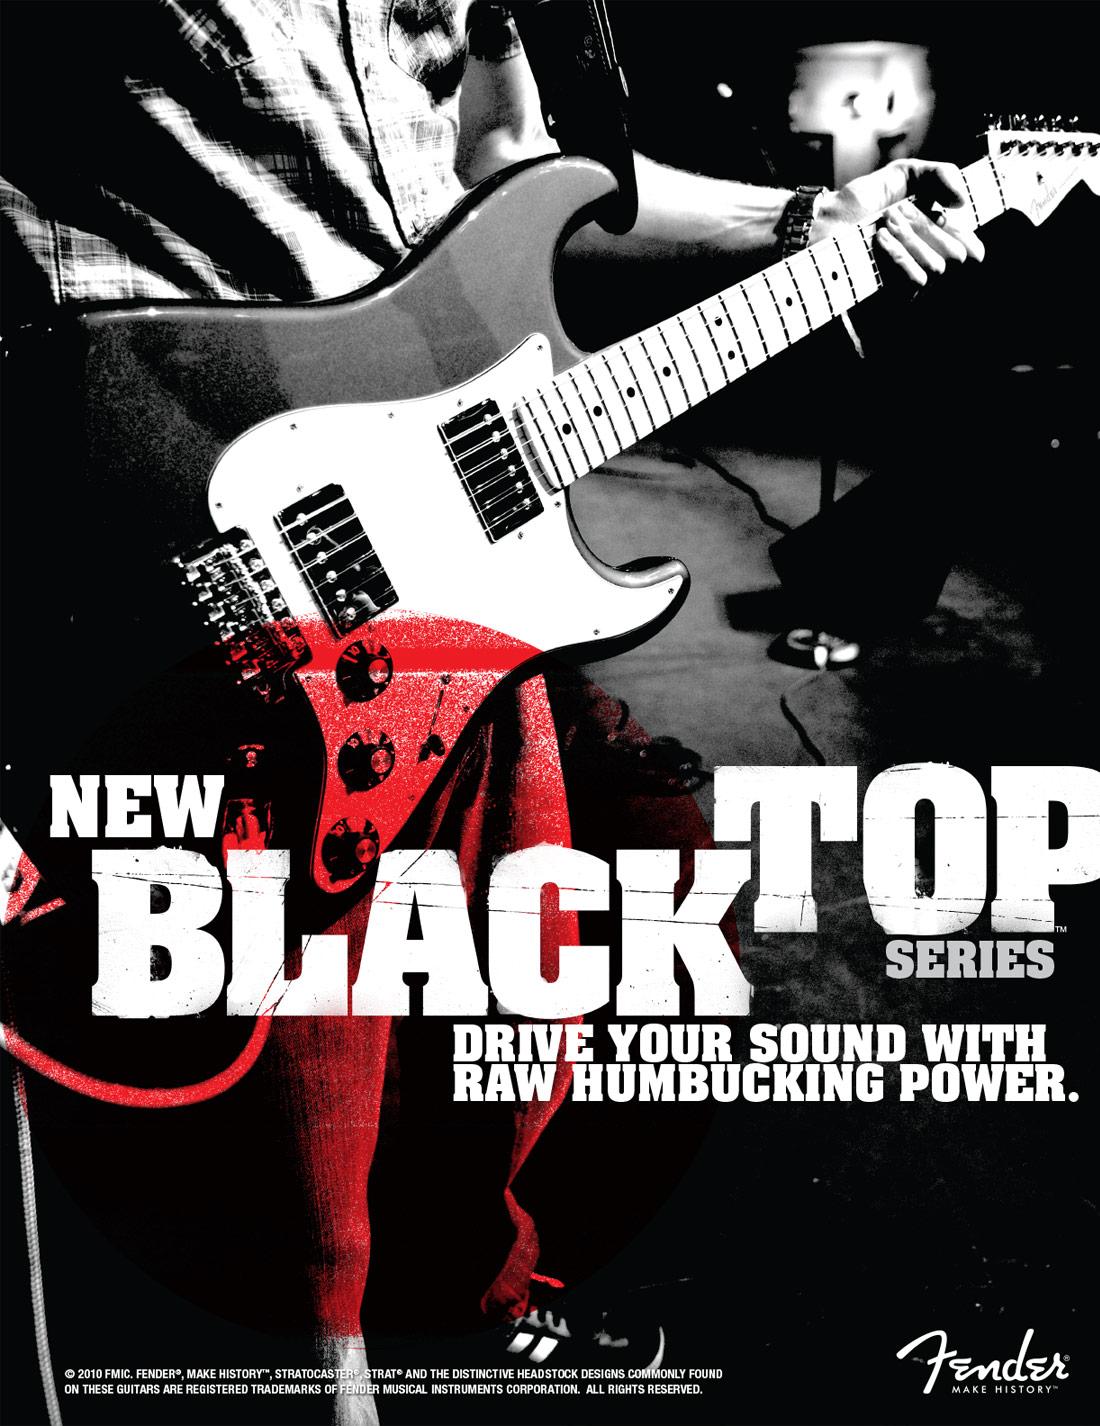 Brian-Leach-Fender-Blacktop-08-@2x.jpg